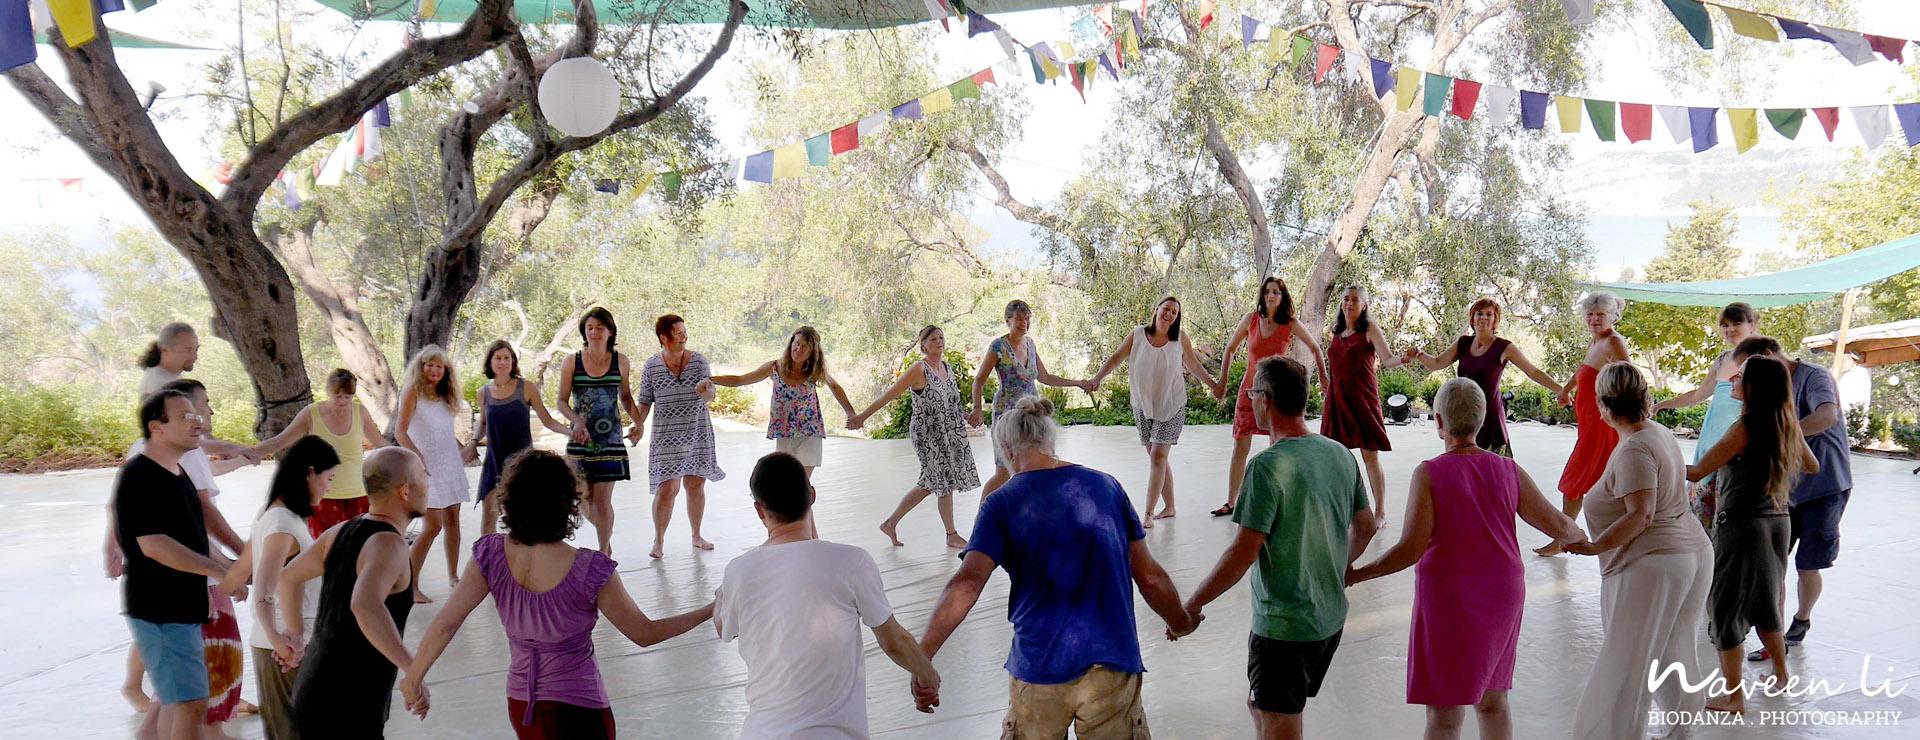 Corfu 2017 Welcome Circle